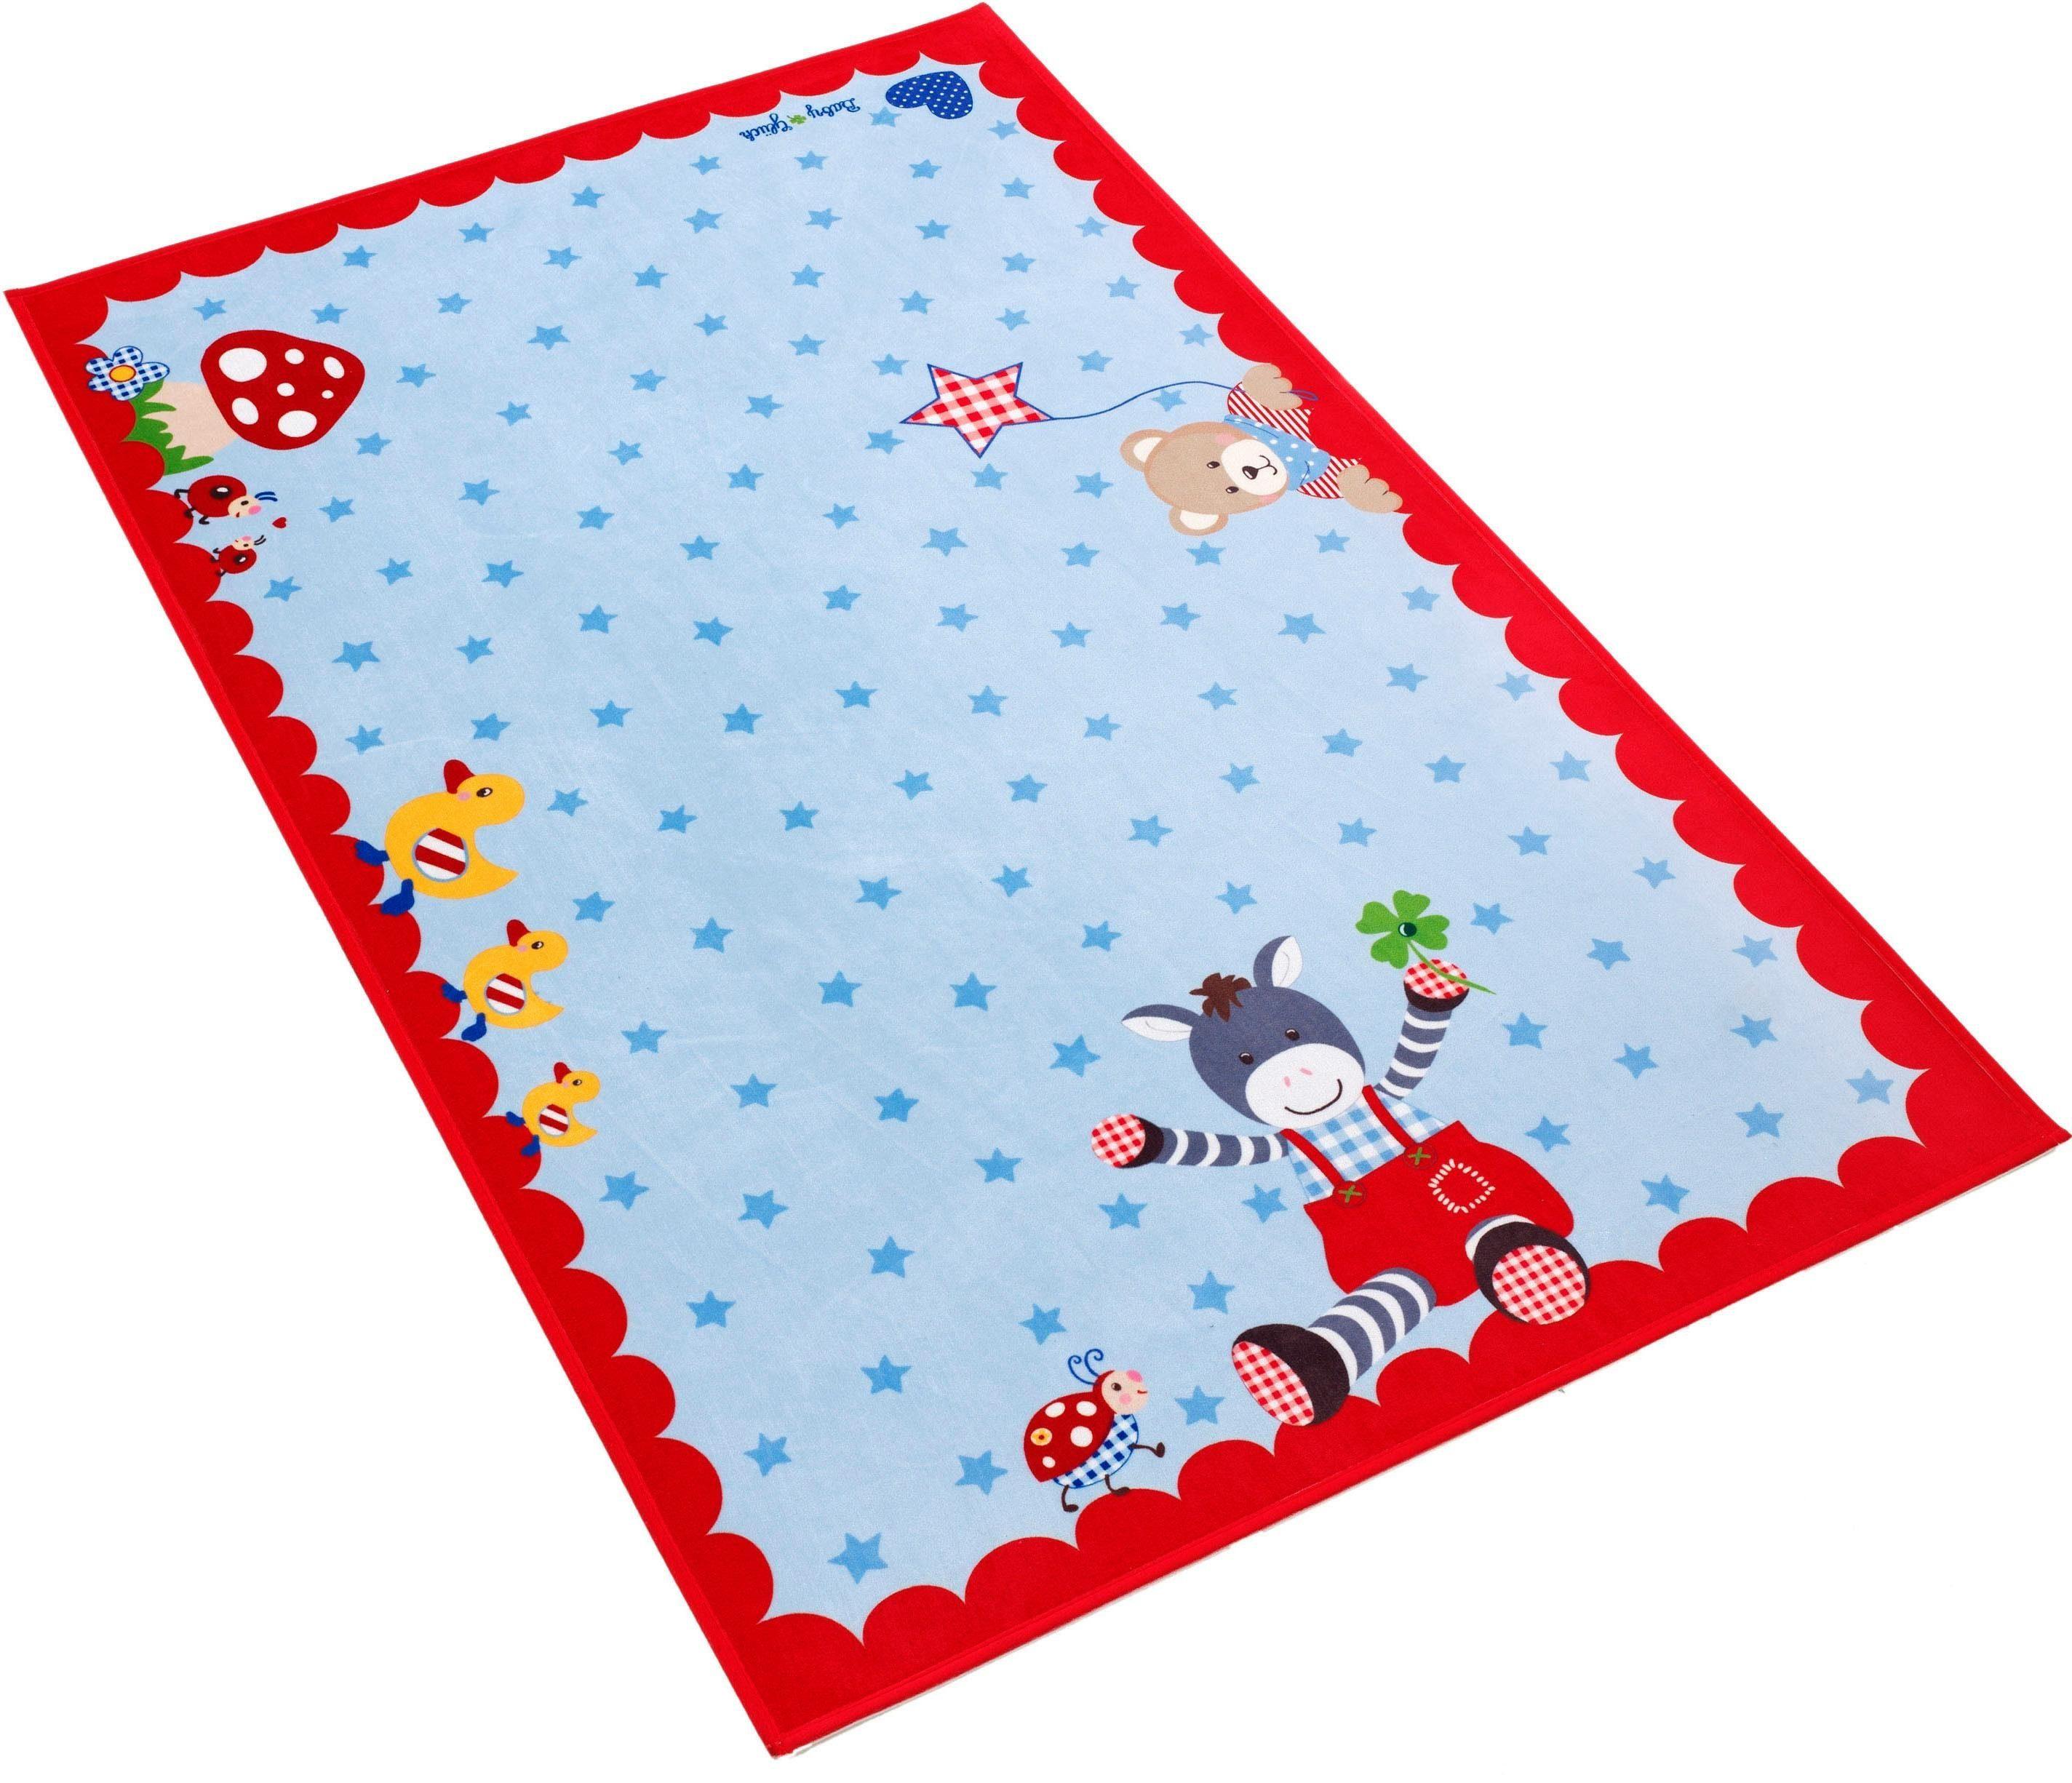 Kinderteppich »Babyglück 715«, Babyglück, rechteckig, Höhe 6 mm, Stoff Druck, weiche Mircofaser